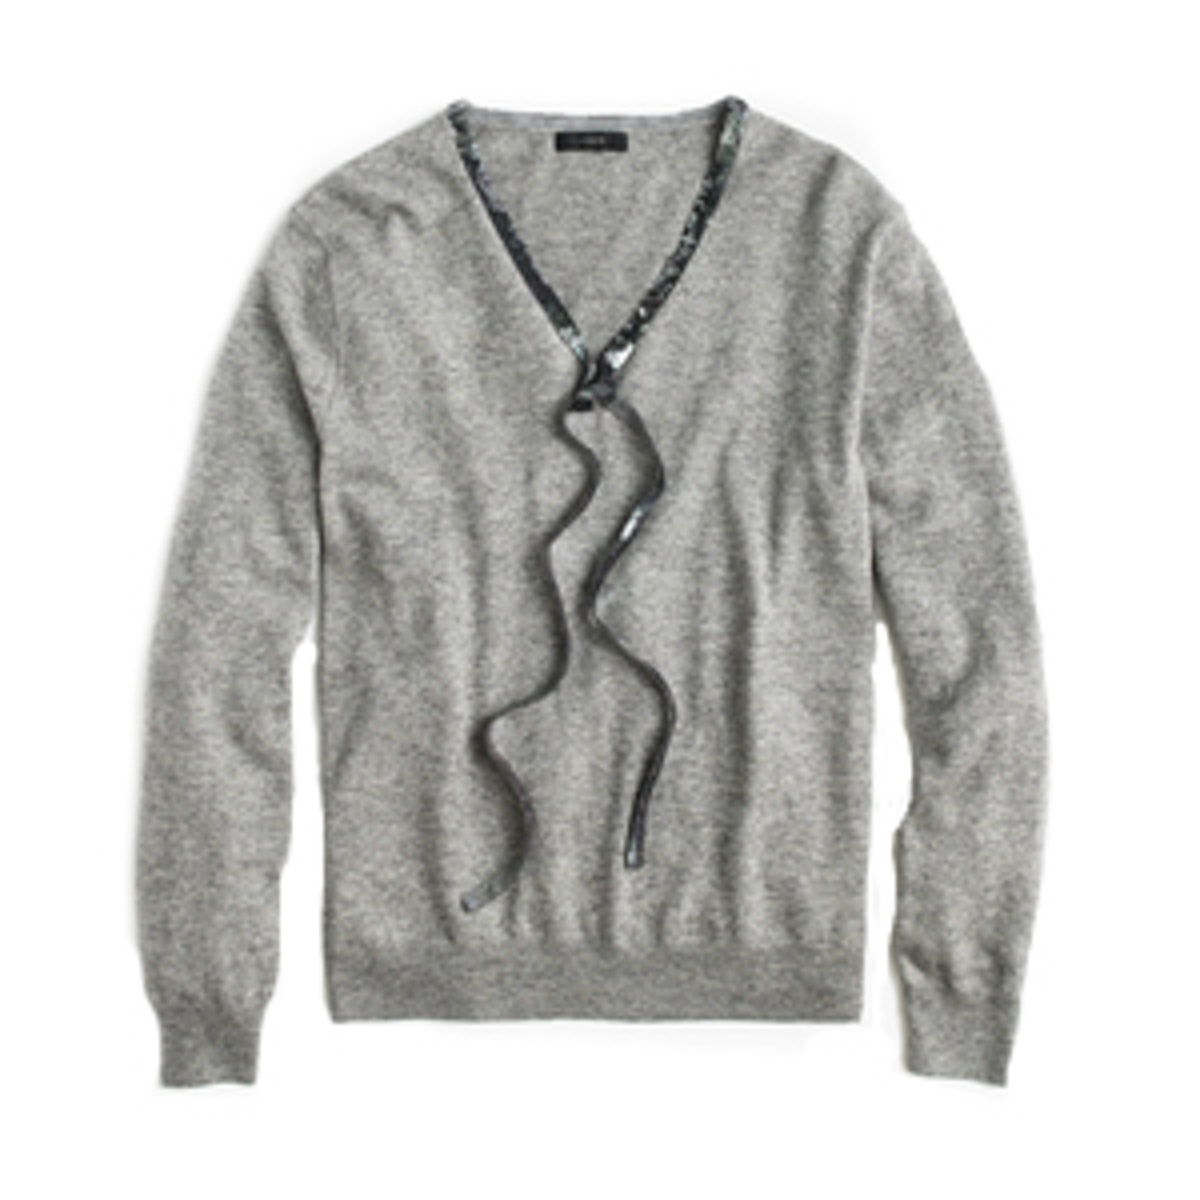 Sequin Tie-Neck Sweater